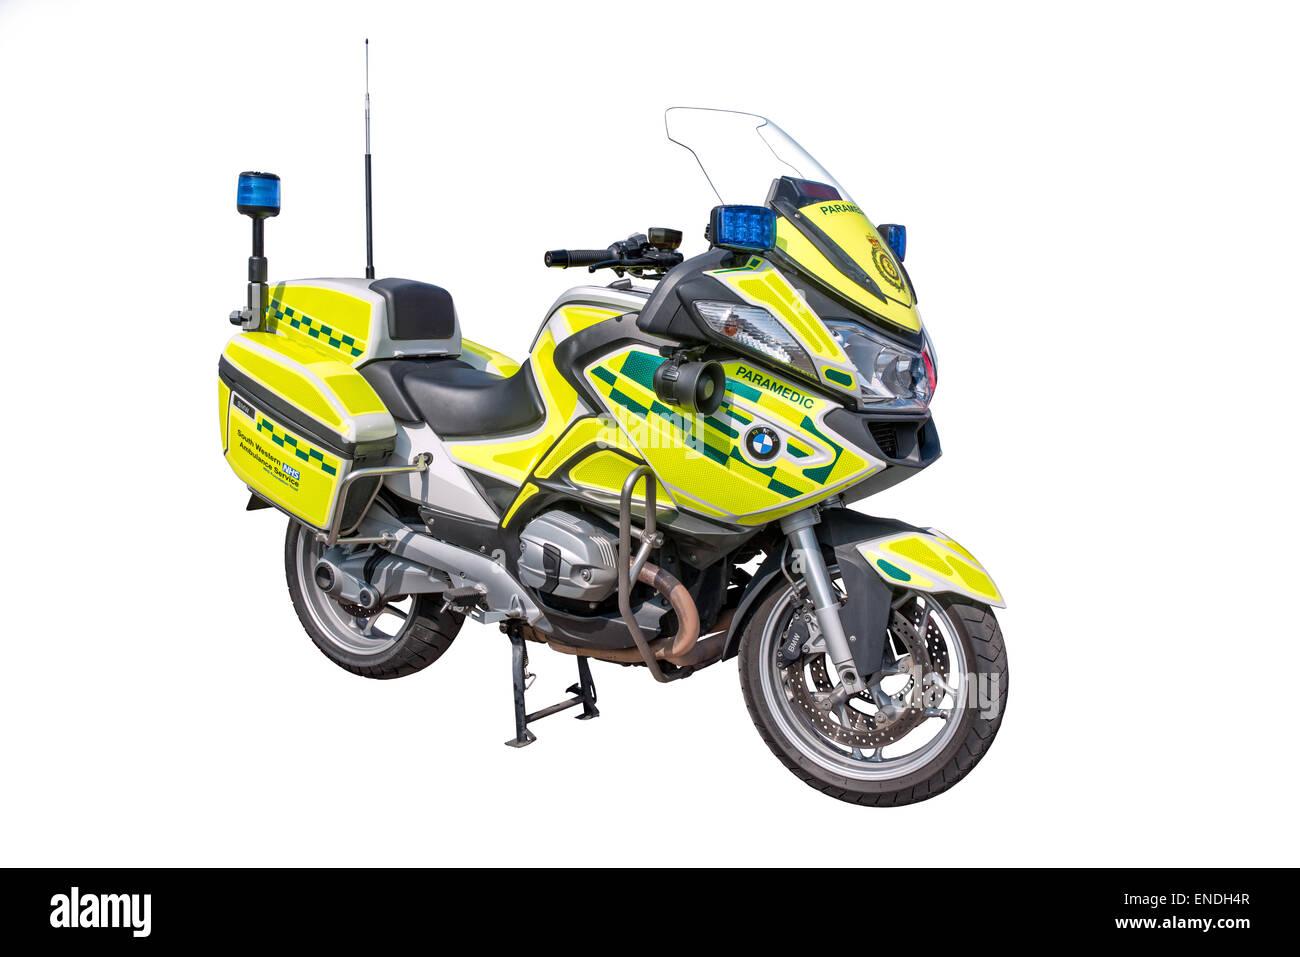 Ein Schnitt aus Wiltshire NHS Vertrauen Sanitäter BMW Motorrad Response Unit Stockbild